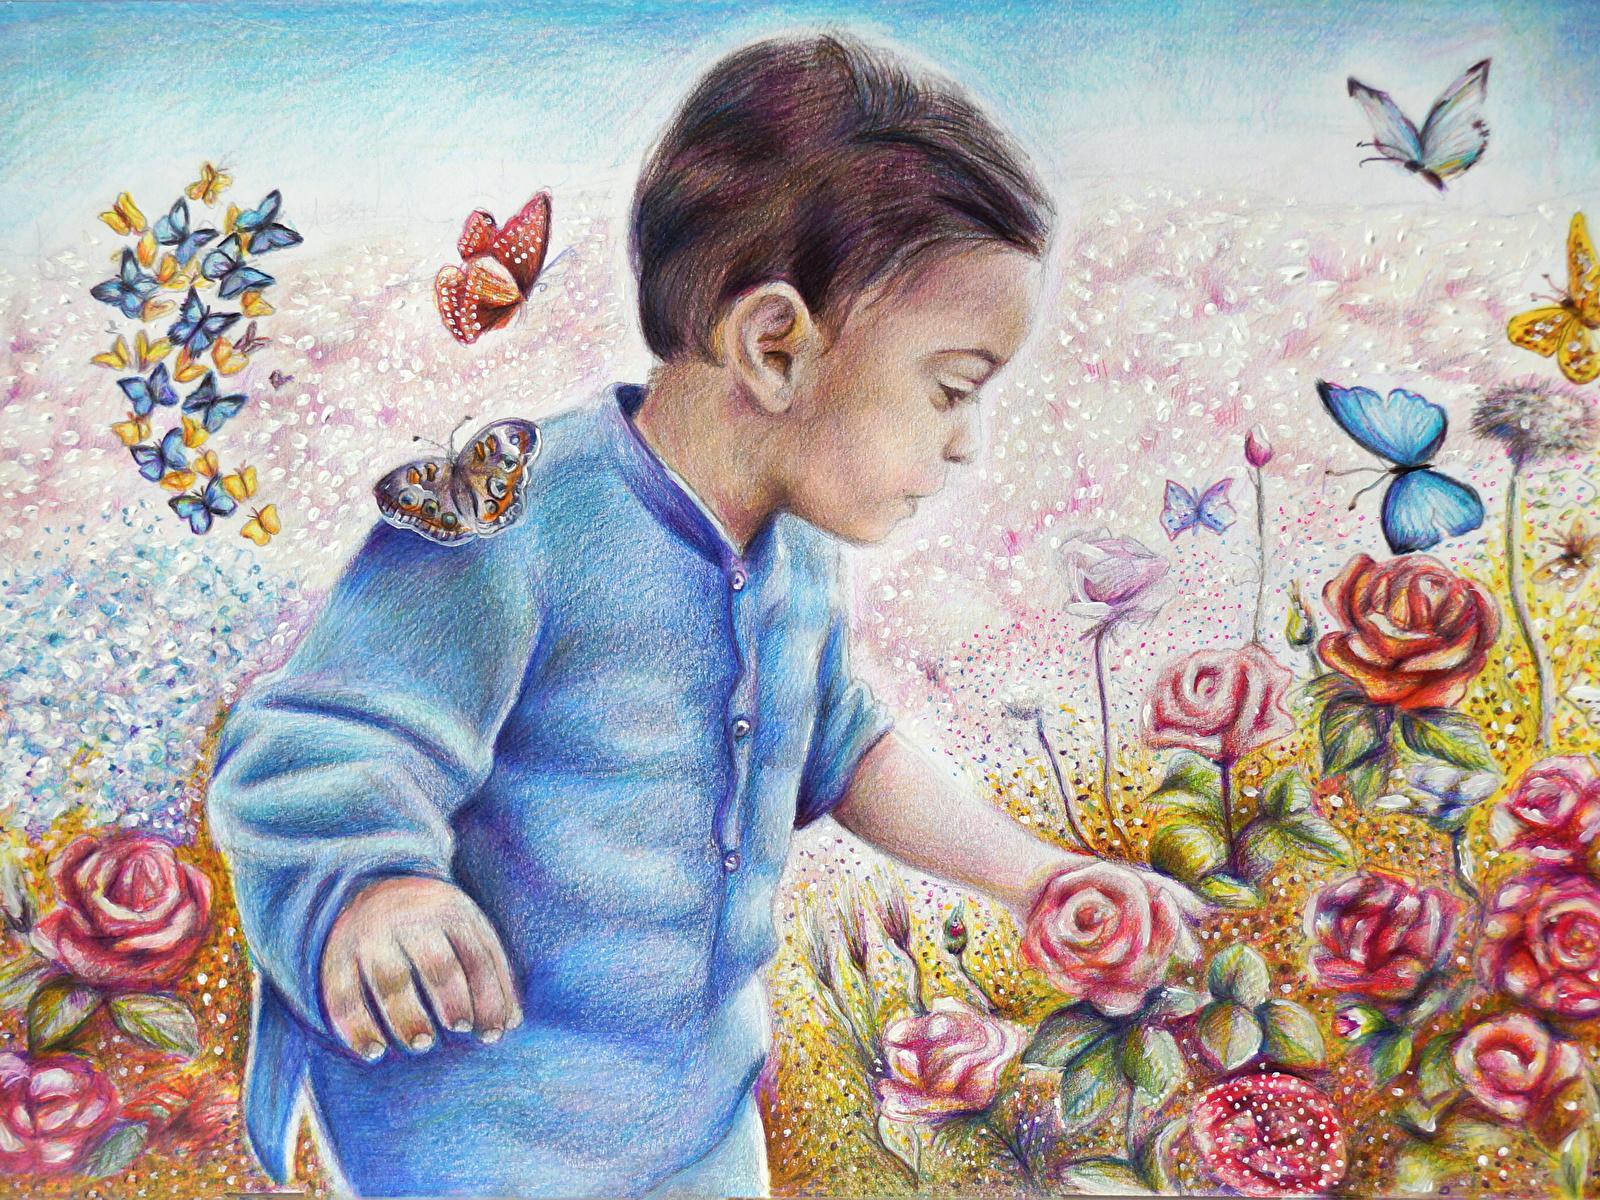 Фотография бабочка Мальчики ребёнок Розы Рисованные 1600x1200 Бабочки мальчик мальчишка мальчишки Дети роза